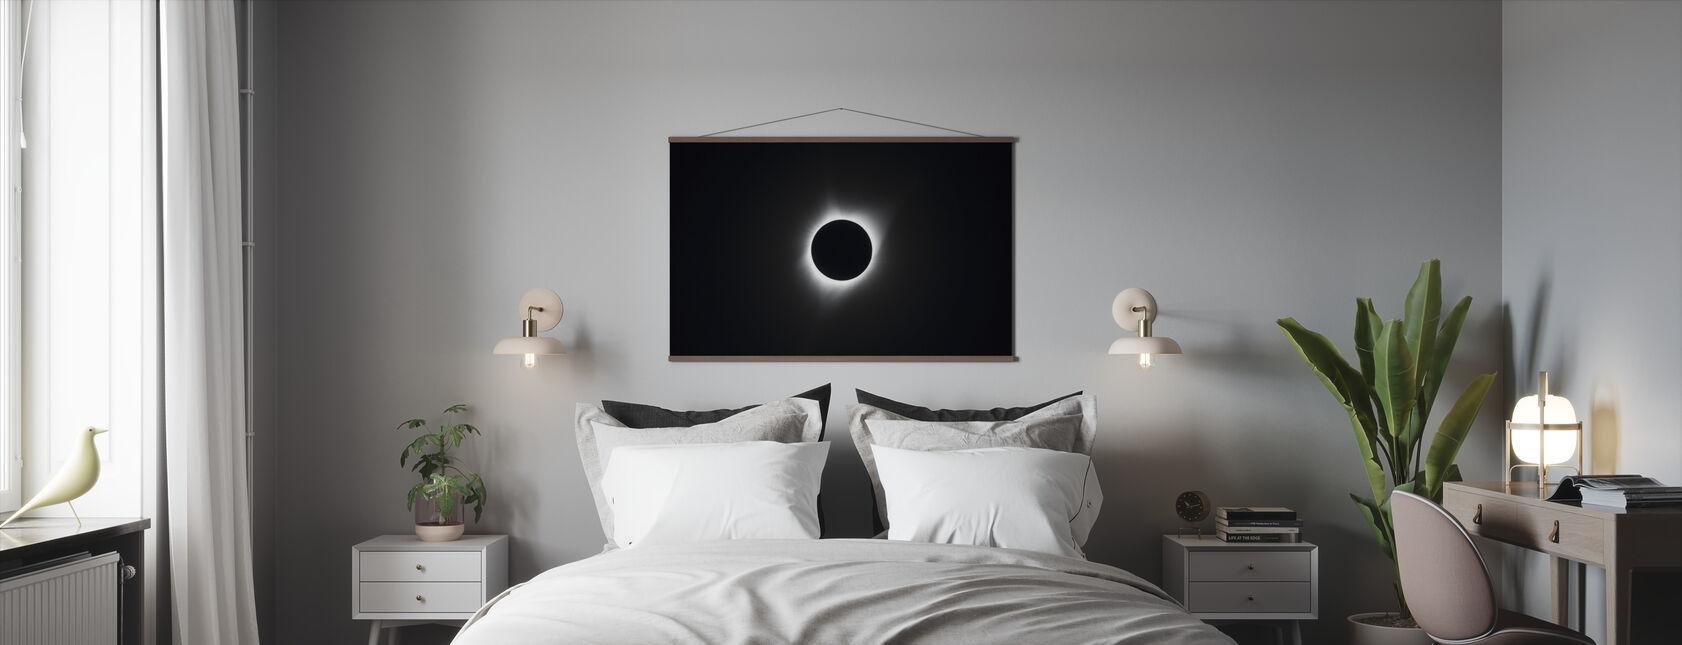 Total formørkelse - Plakat - Soveværelse